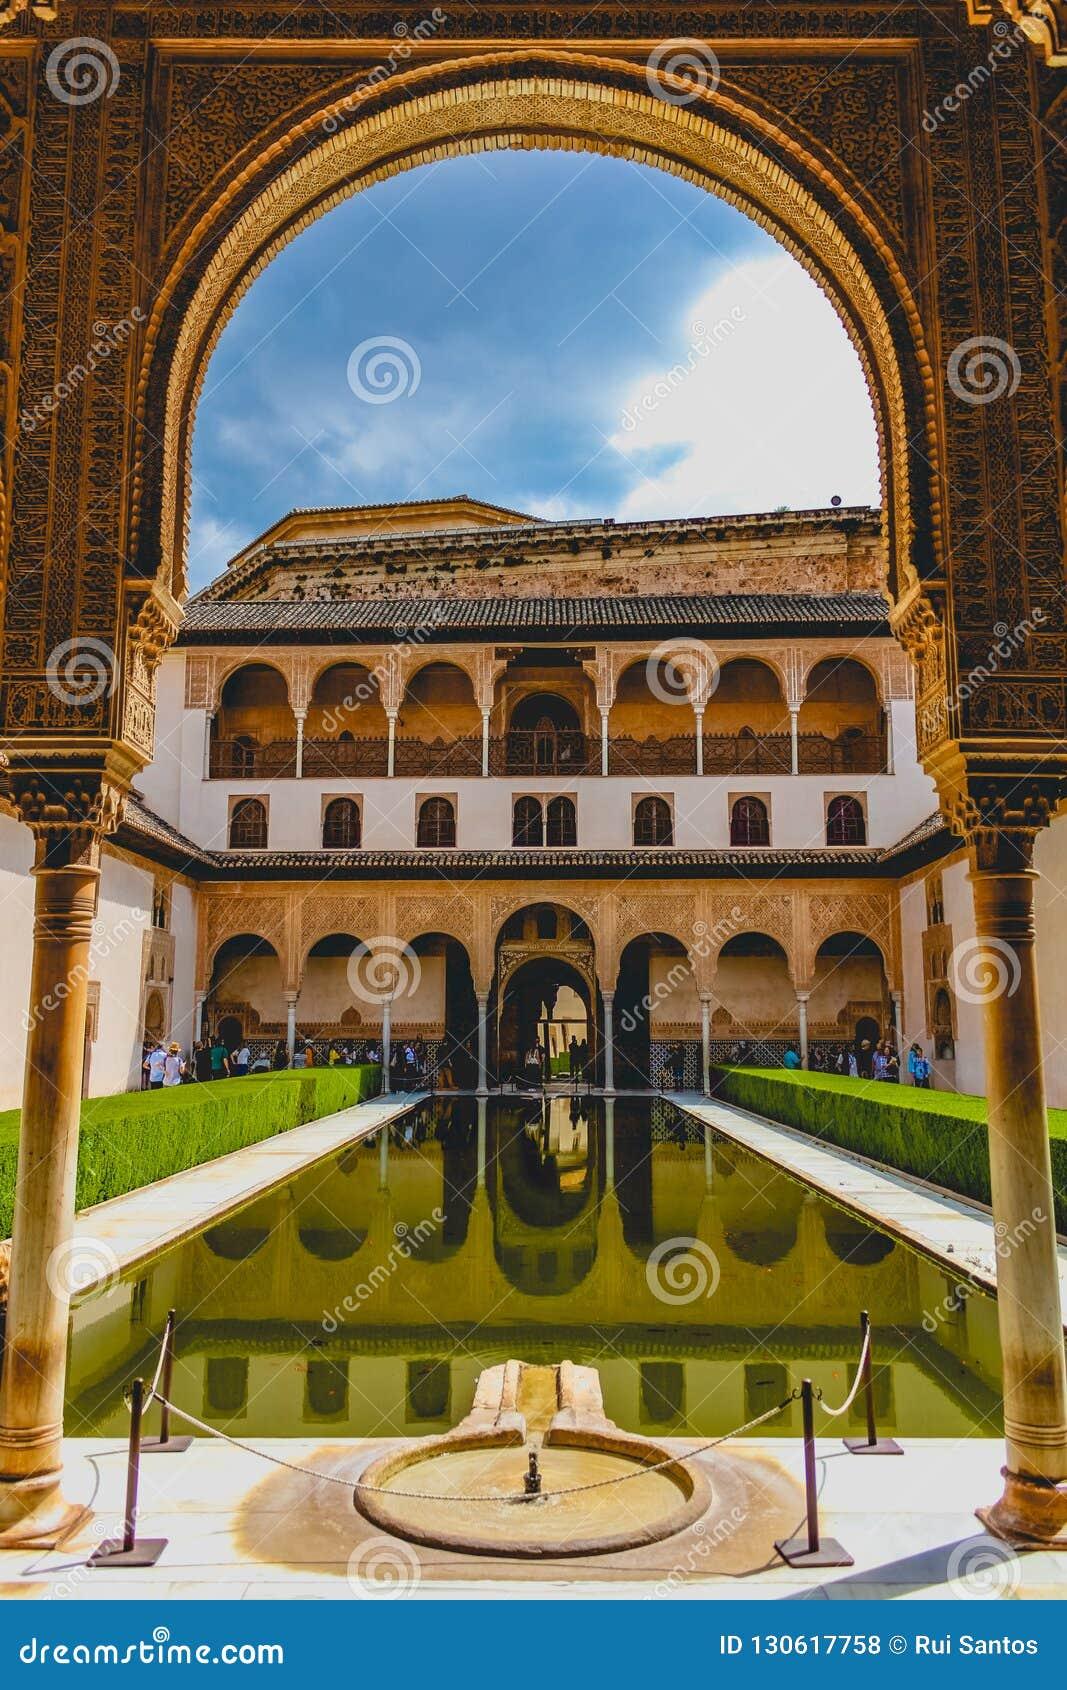 Granada, Spain - 5/6/18: Patio de Comares, Nasrid Palace, Alhambra.